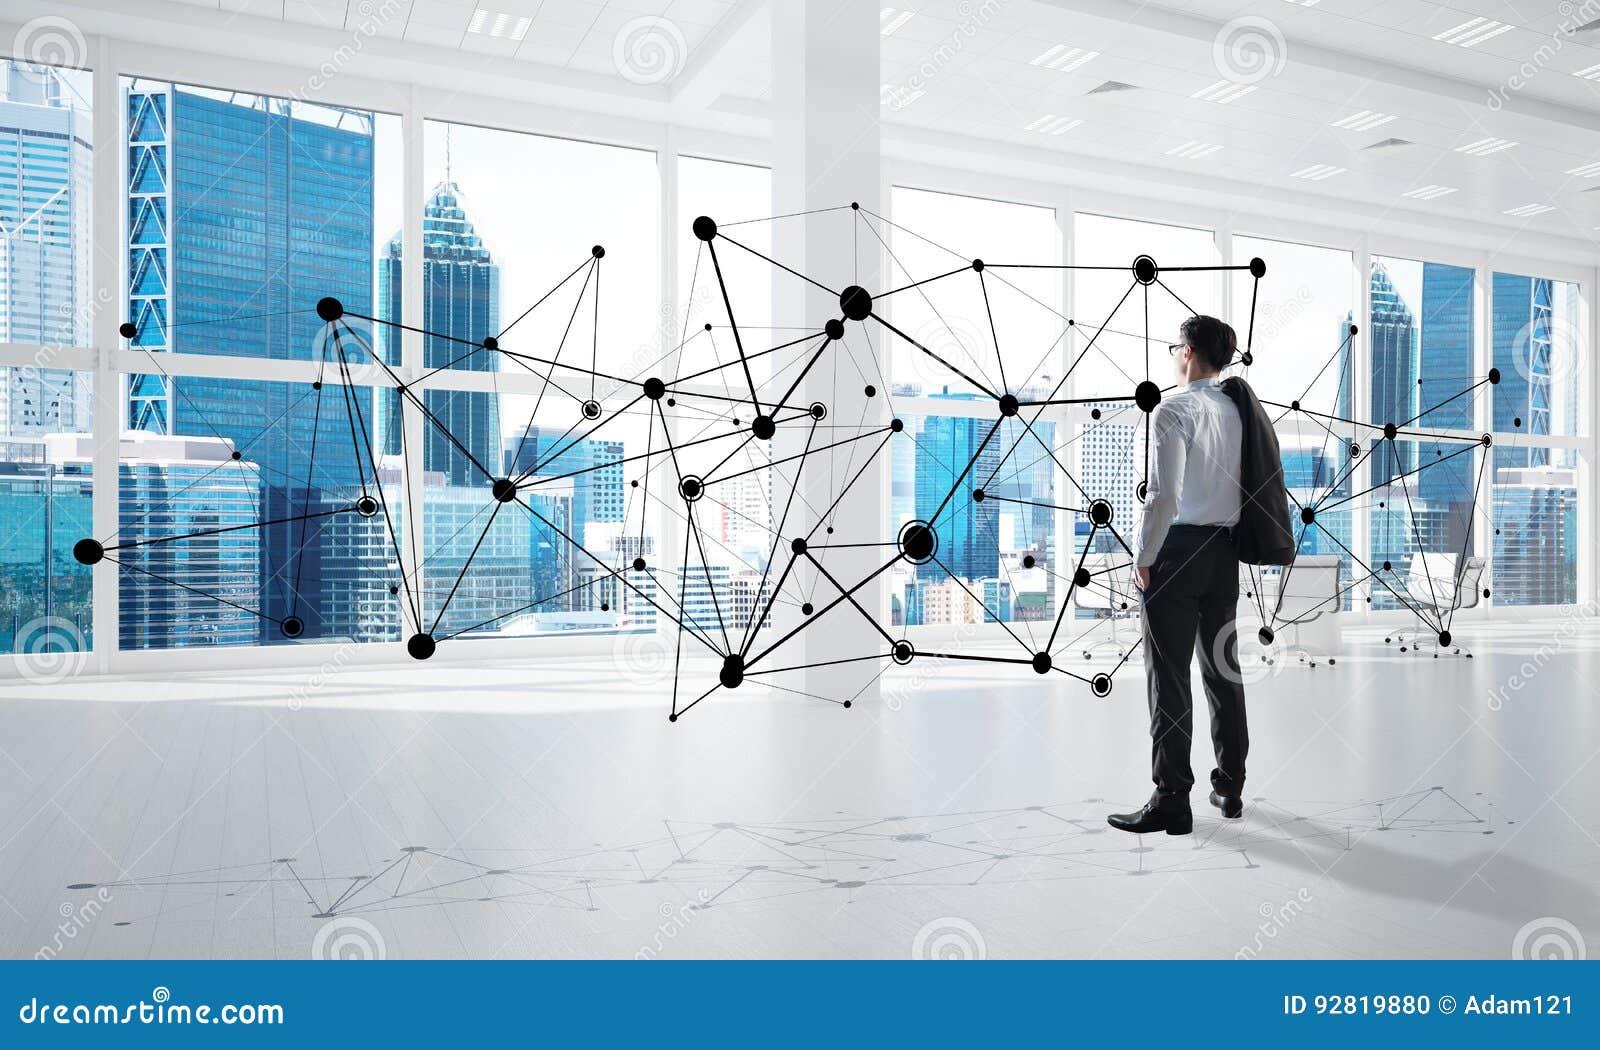 Mise en réseau et concept social de communication en tant que point efficace pour des affaires modernes